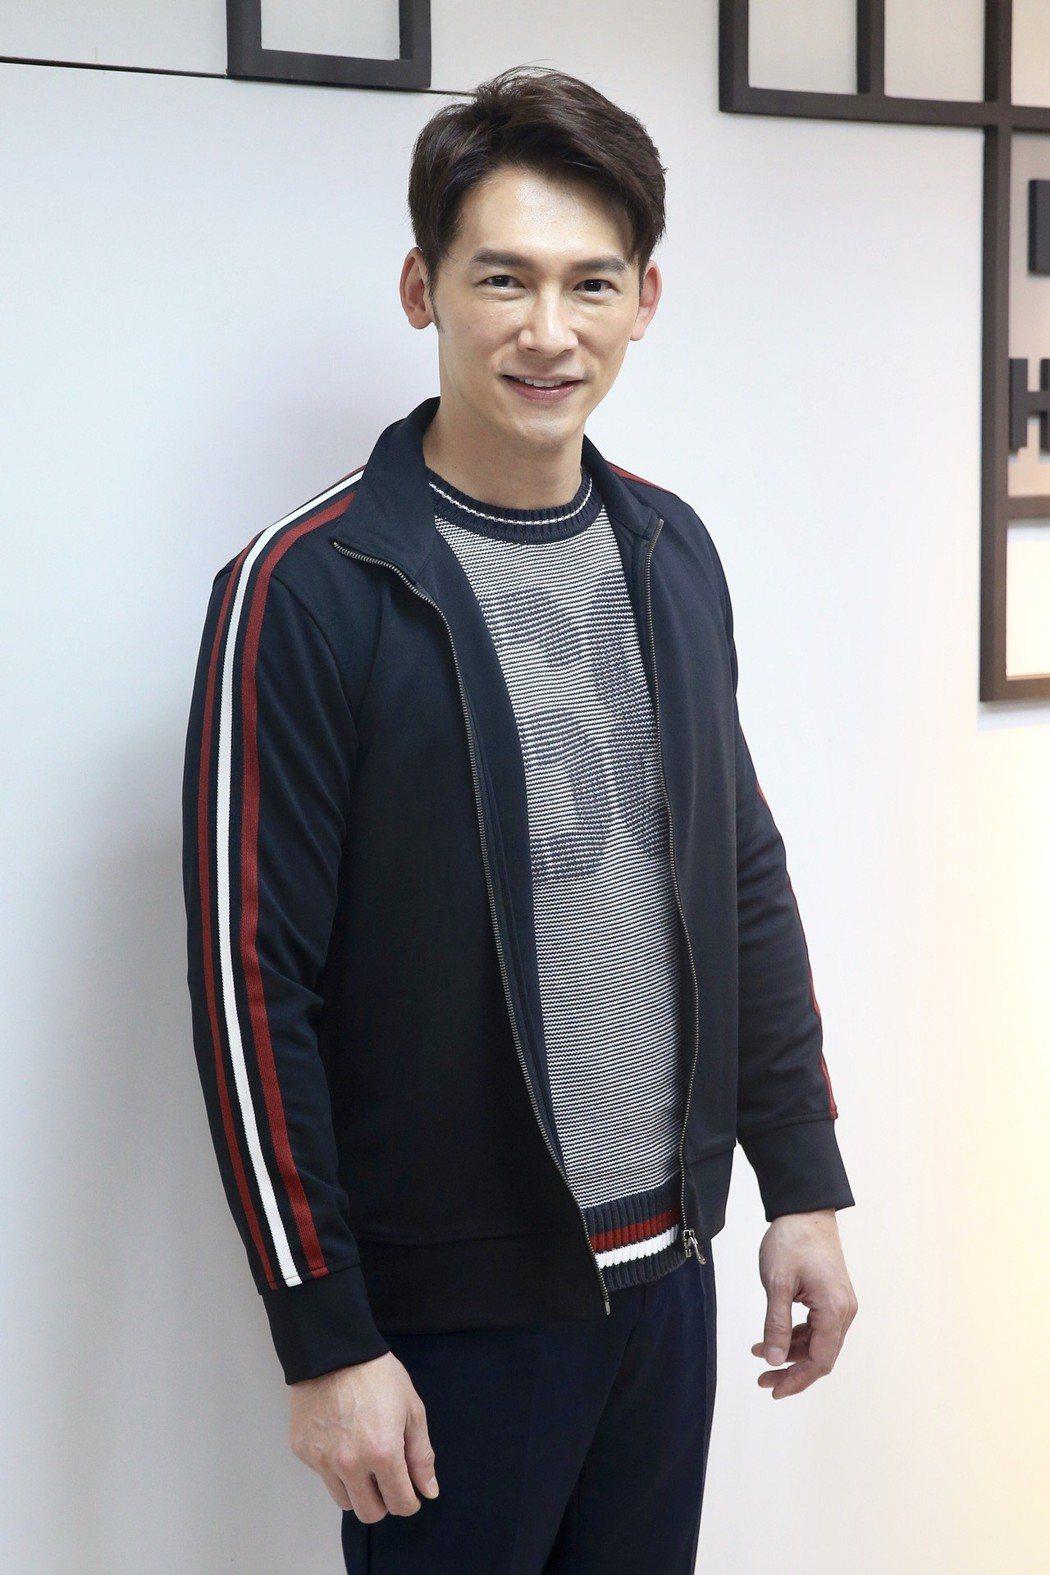 溫昇豪在《我們與惡的距離》劇中飾演被害者家屬。記者林伯東/攝影